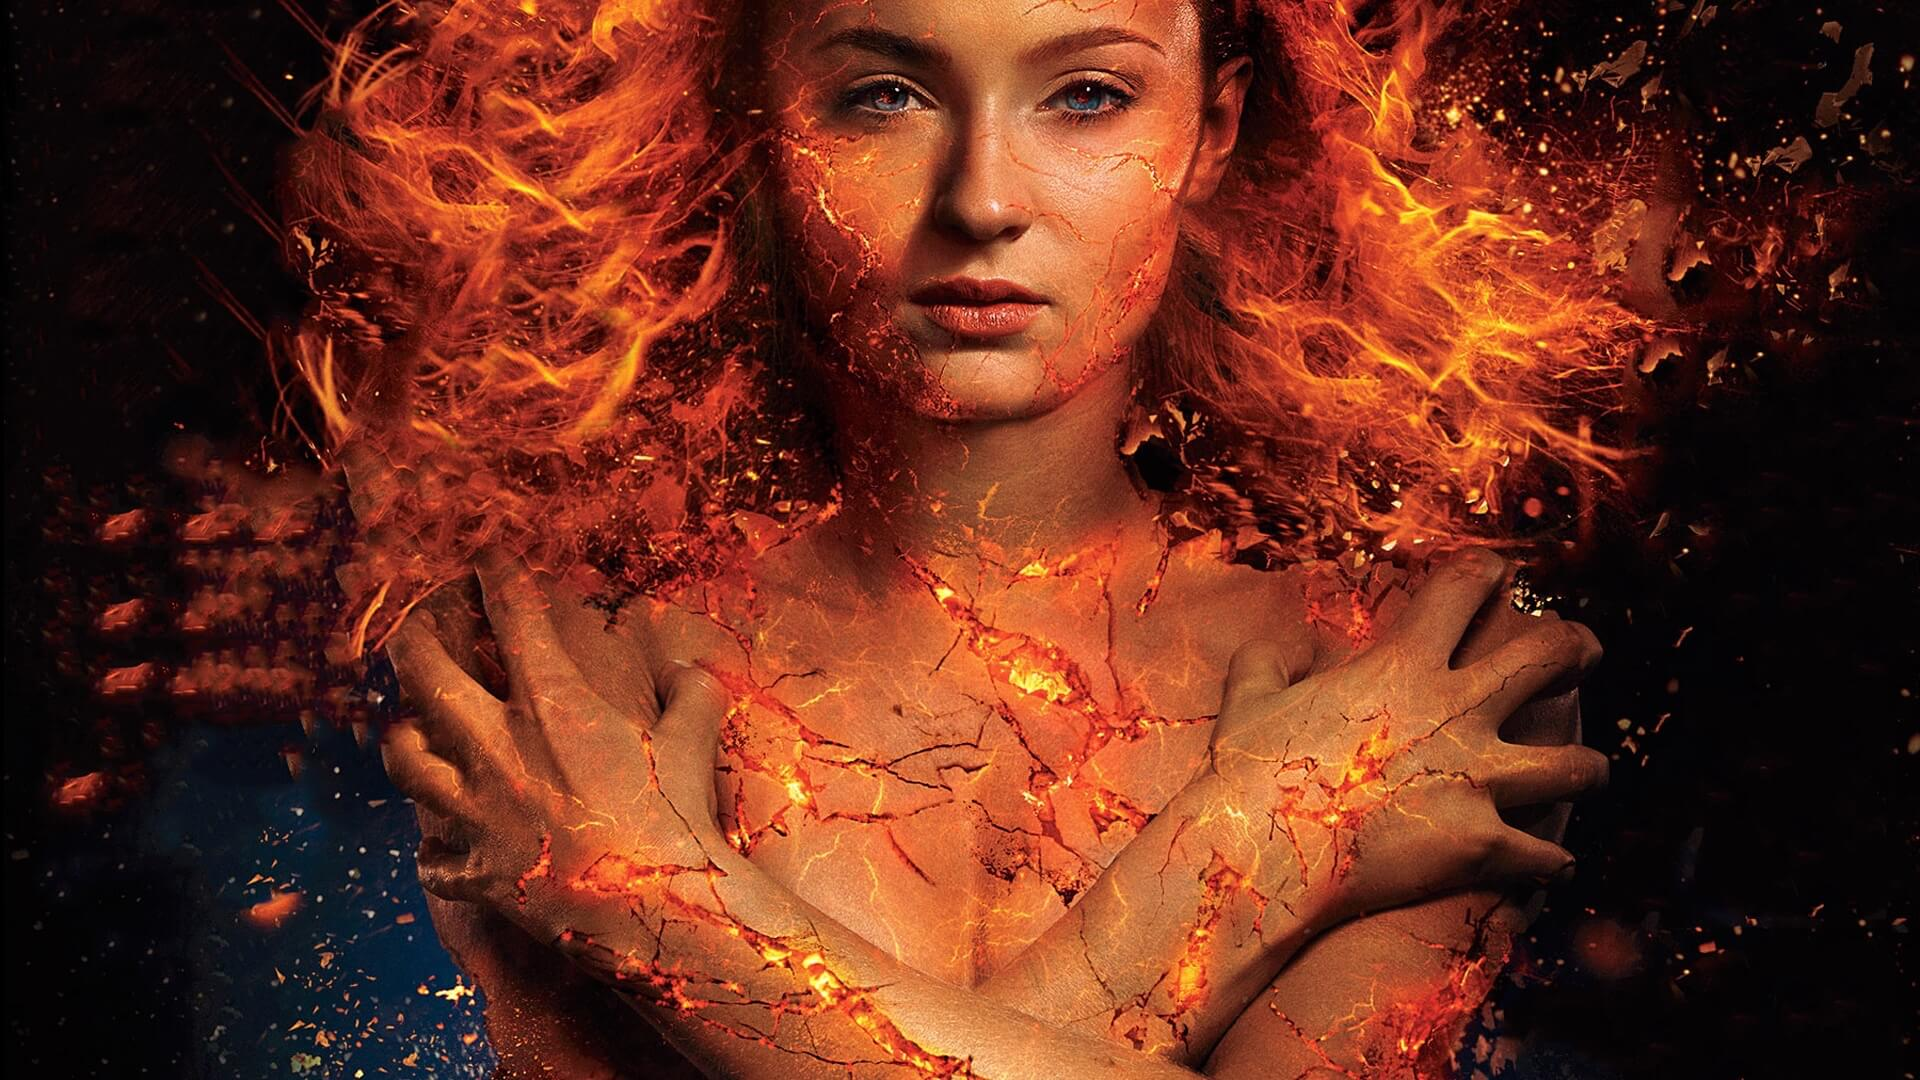 變種人的故事將如《X 戰警:黑鳳凰》般浴火重生。